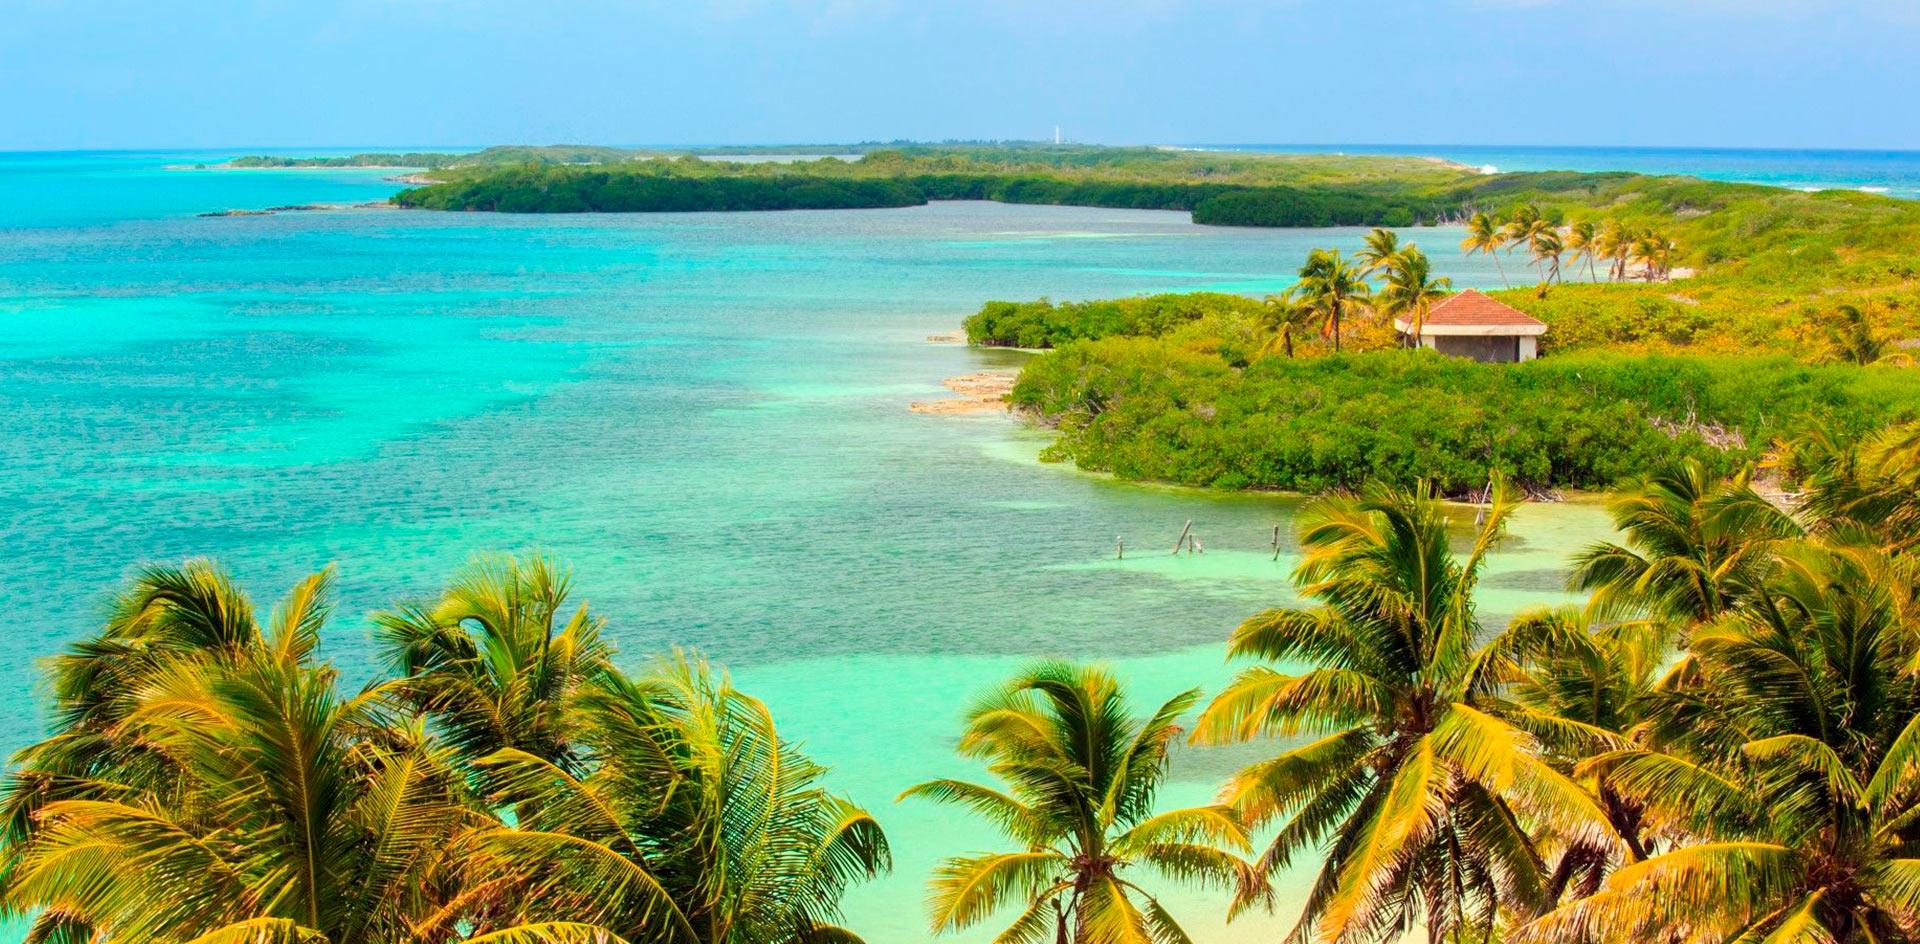 isla-contoy-islamujeres